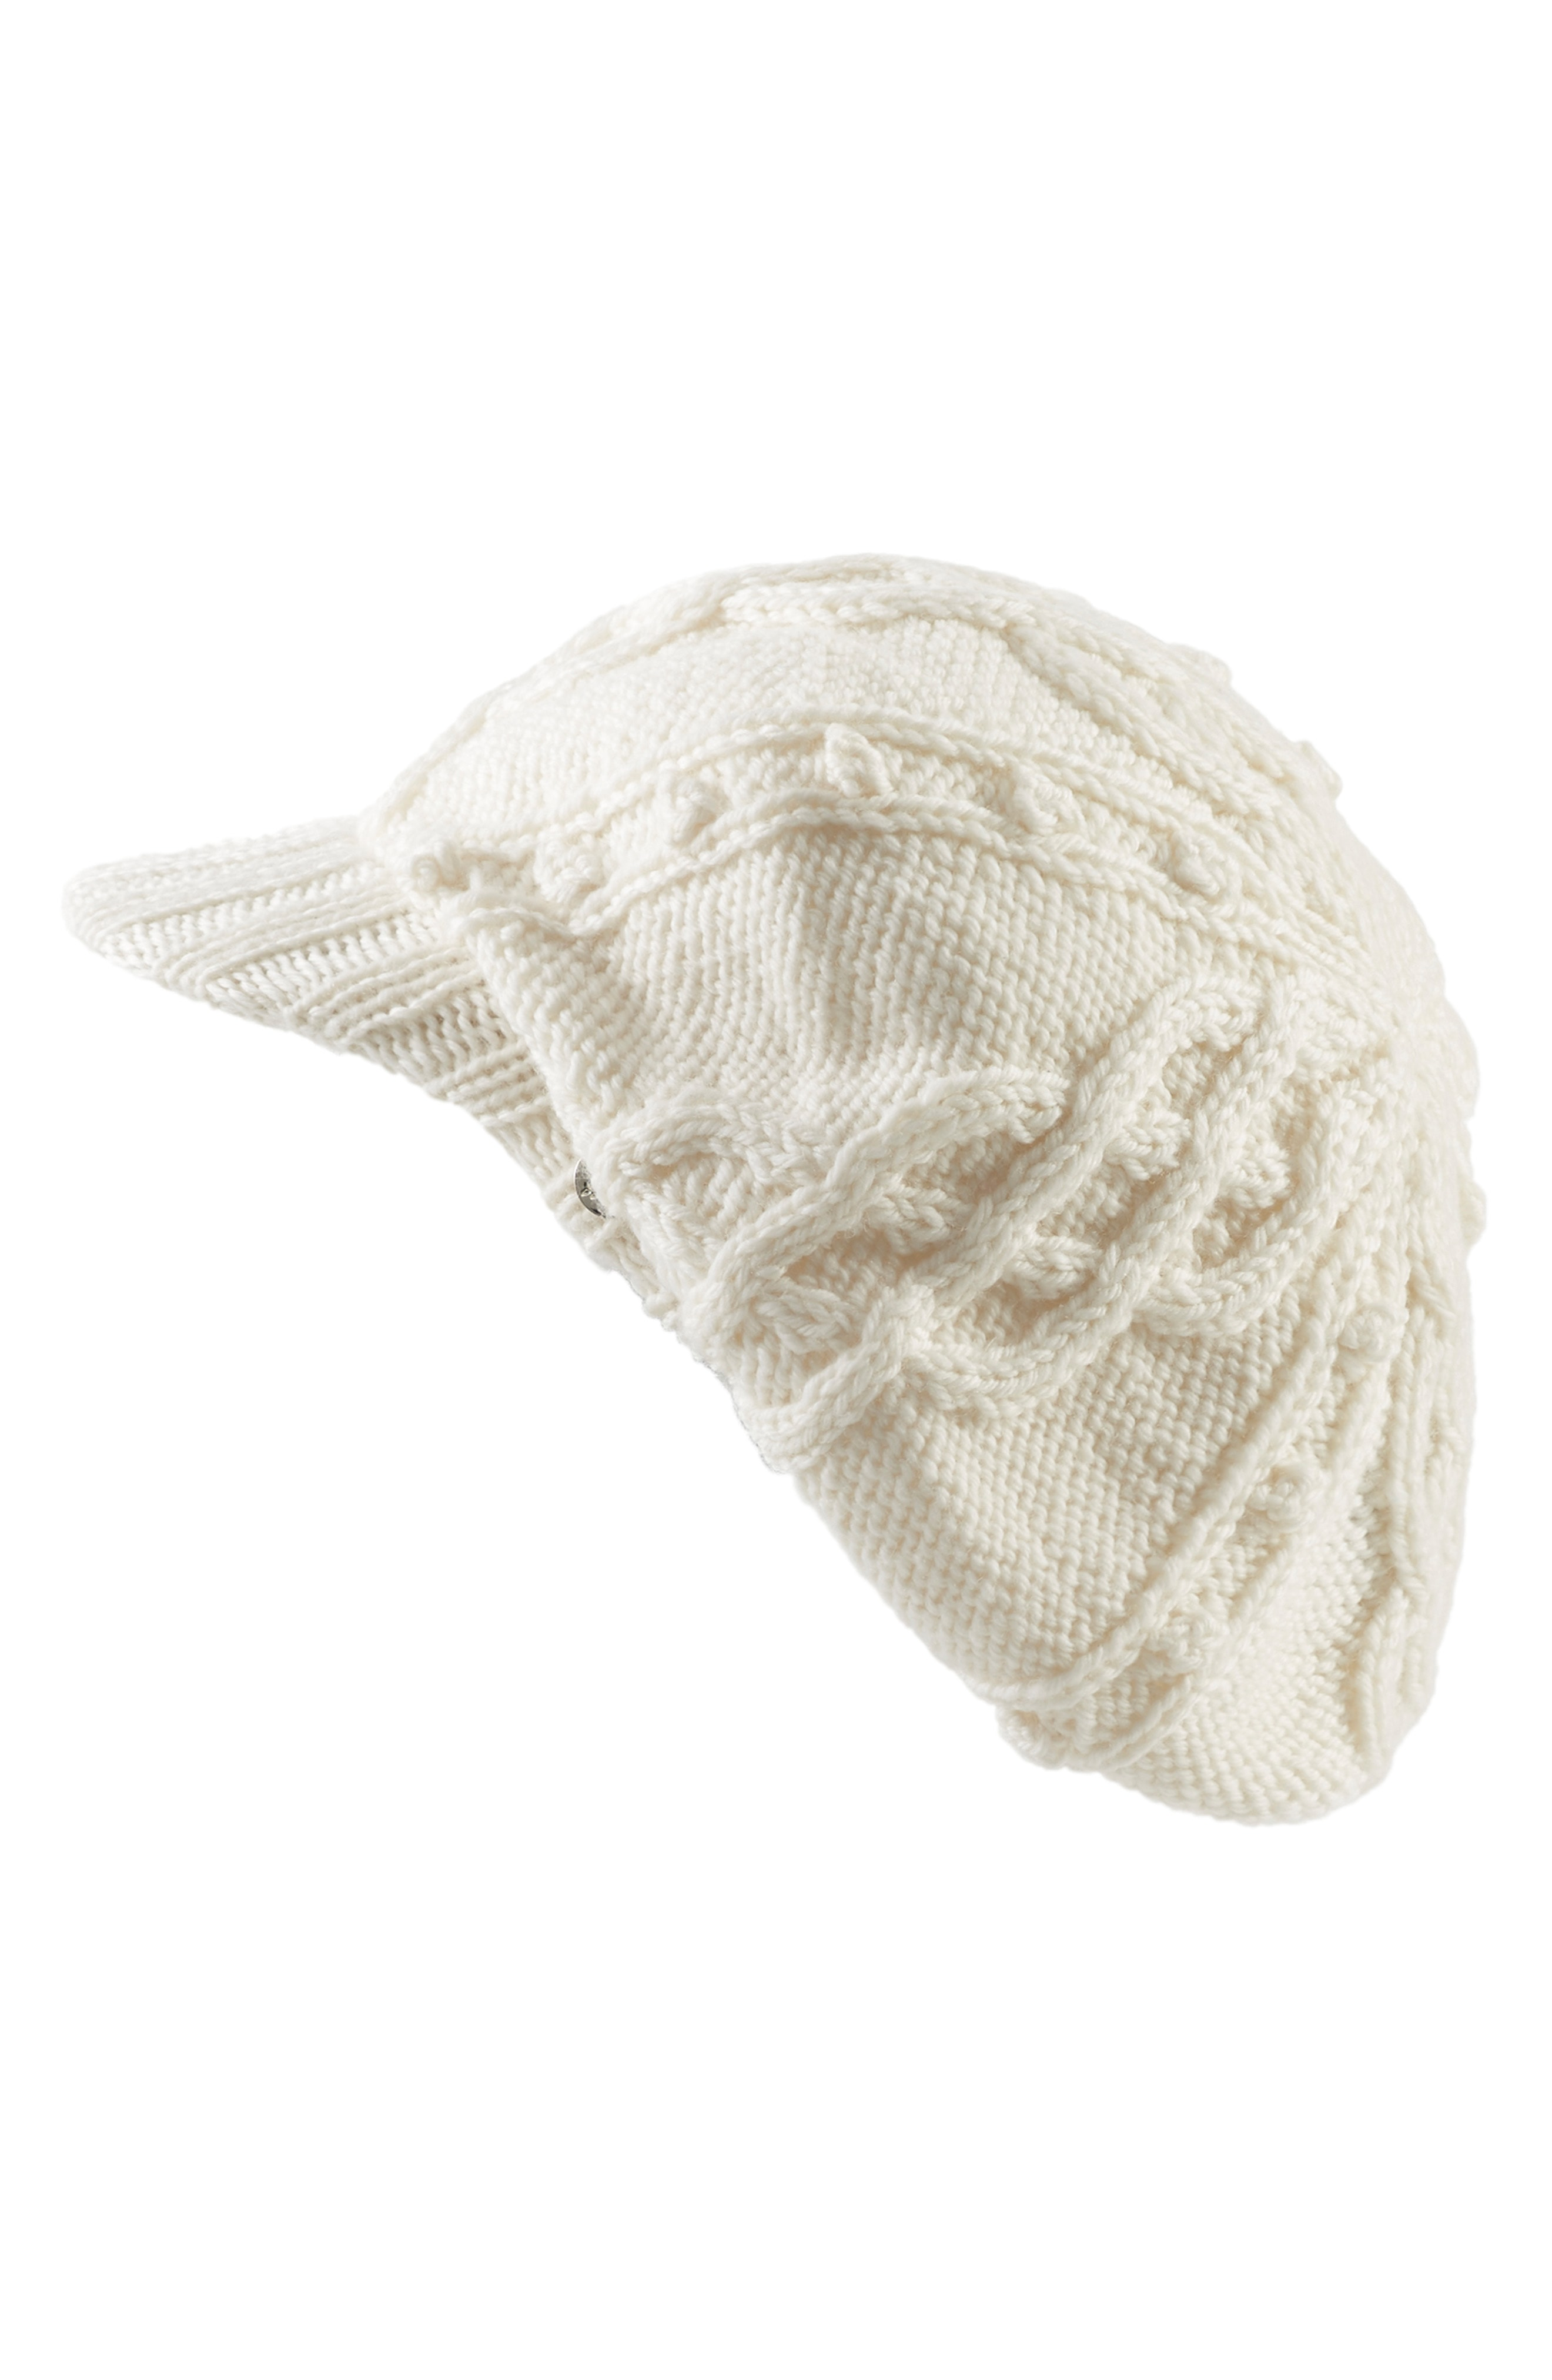 Helen Kaminski Knit Merino Wool Baker Boy Cap